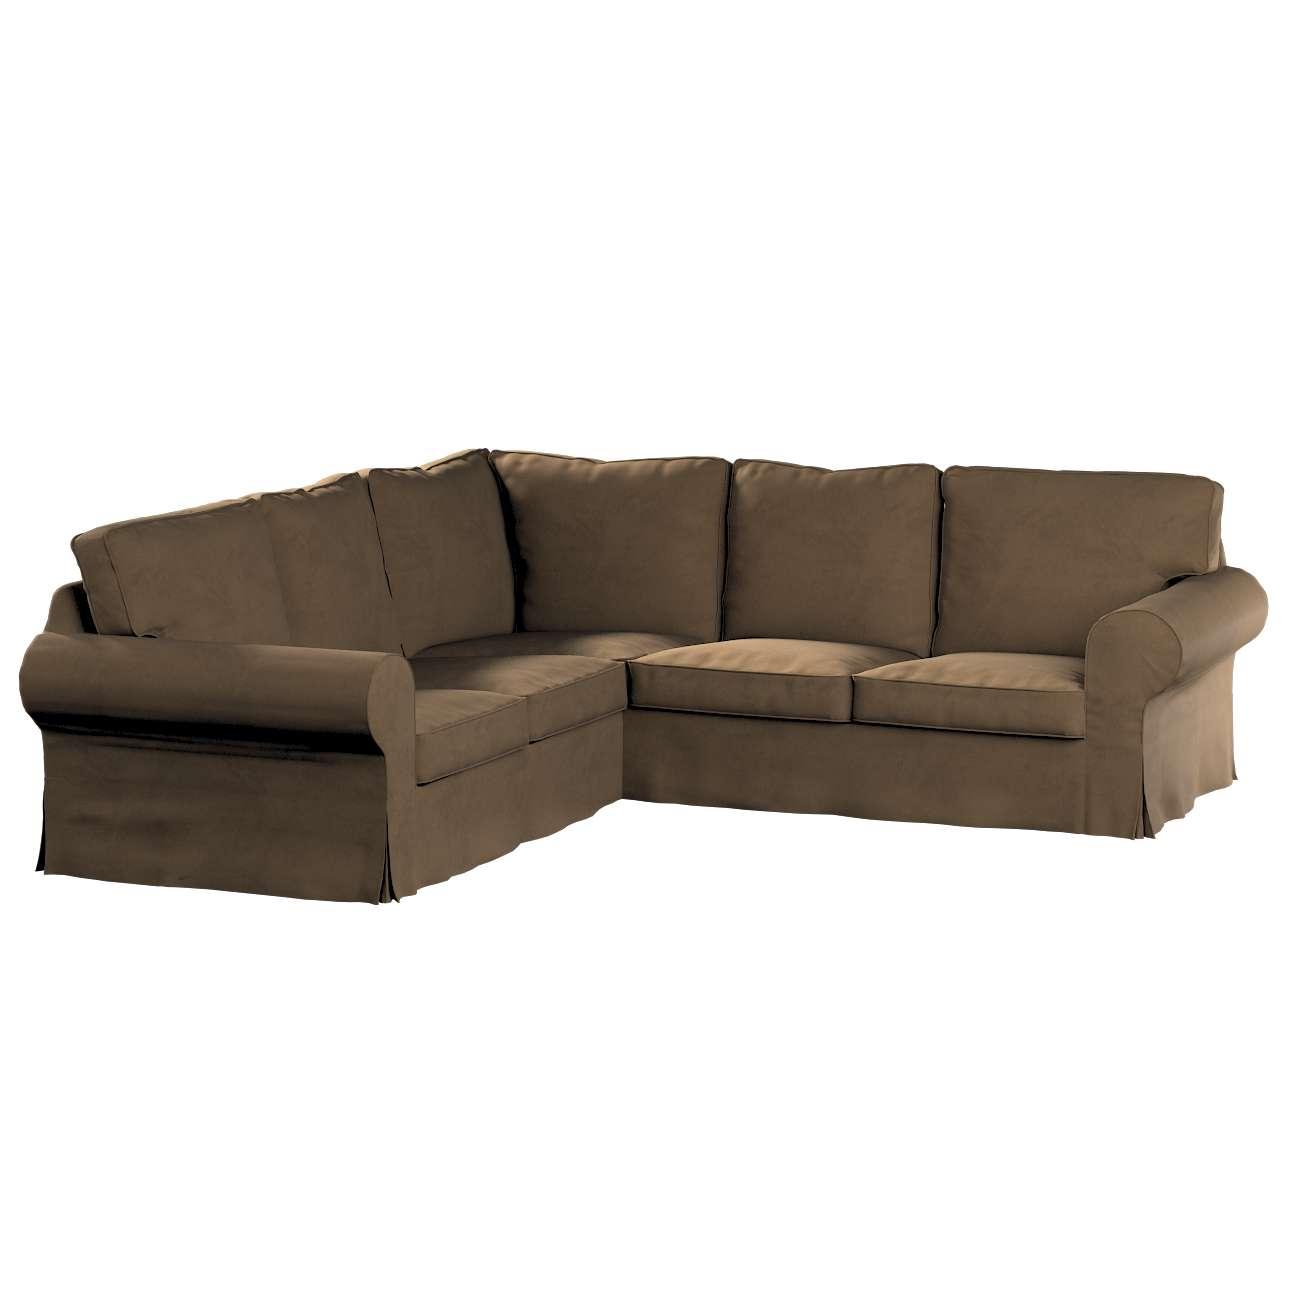 Pokrowiec na sofę narożną Ektorp w kolekcji Living II, tkanina: 160-94